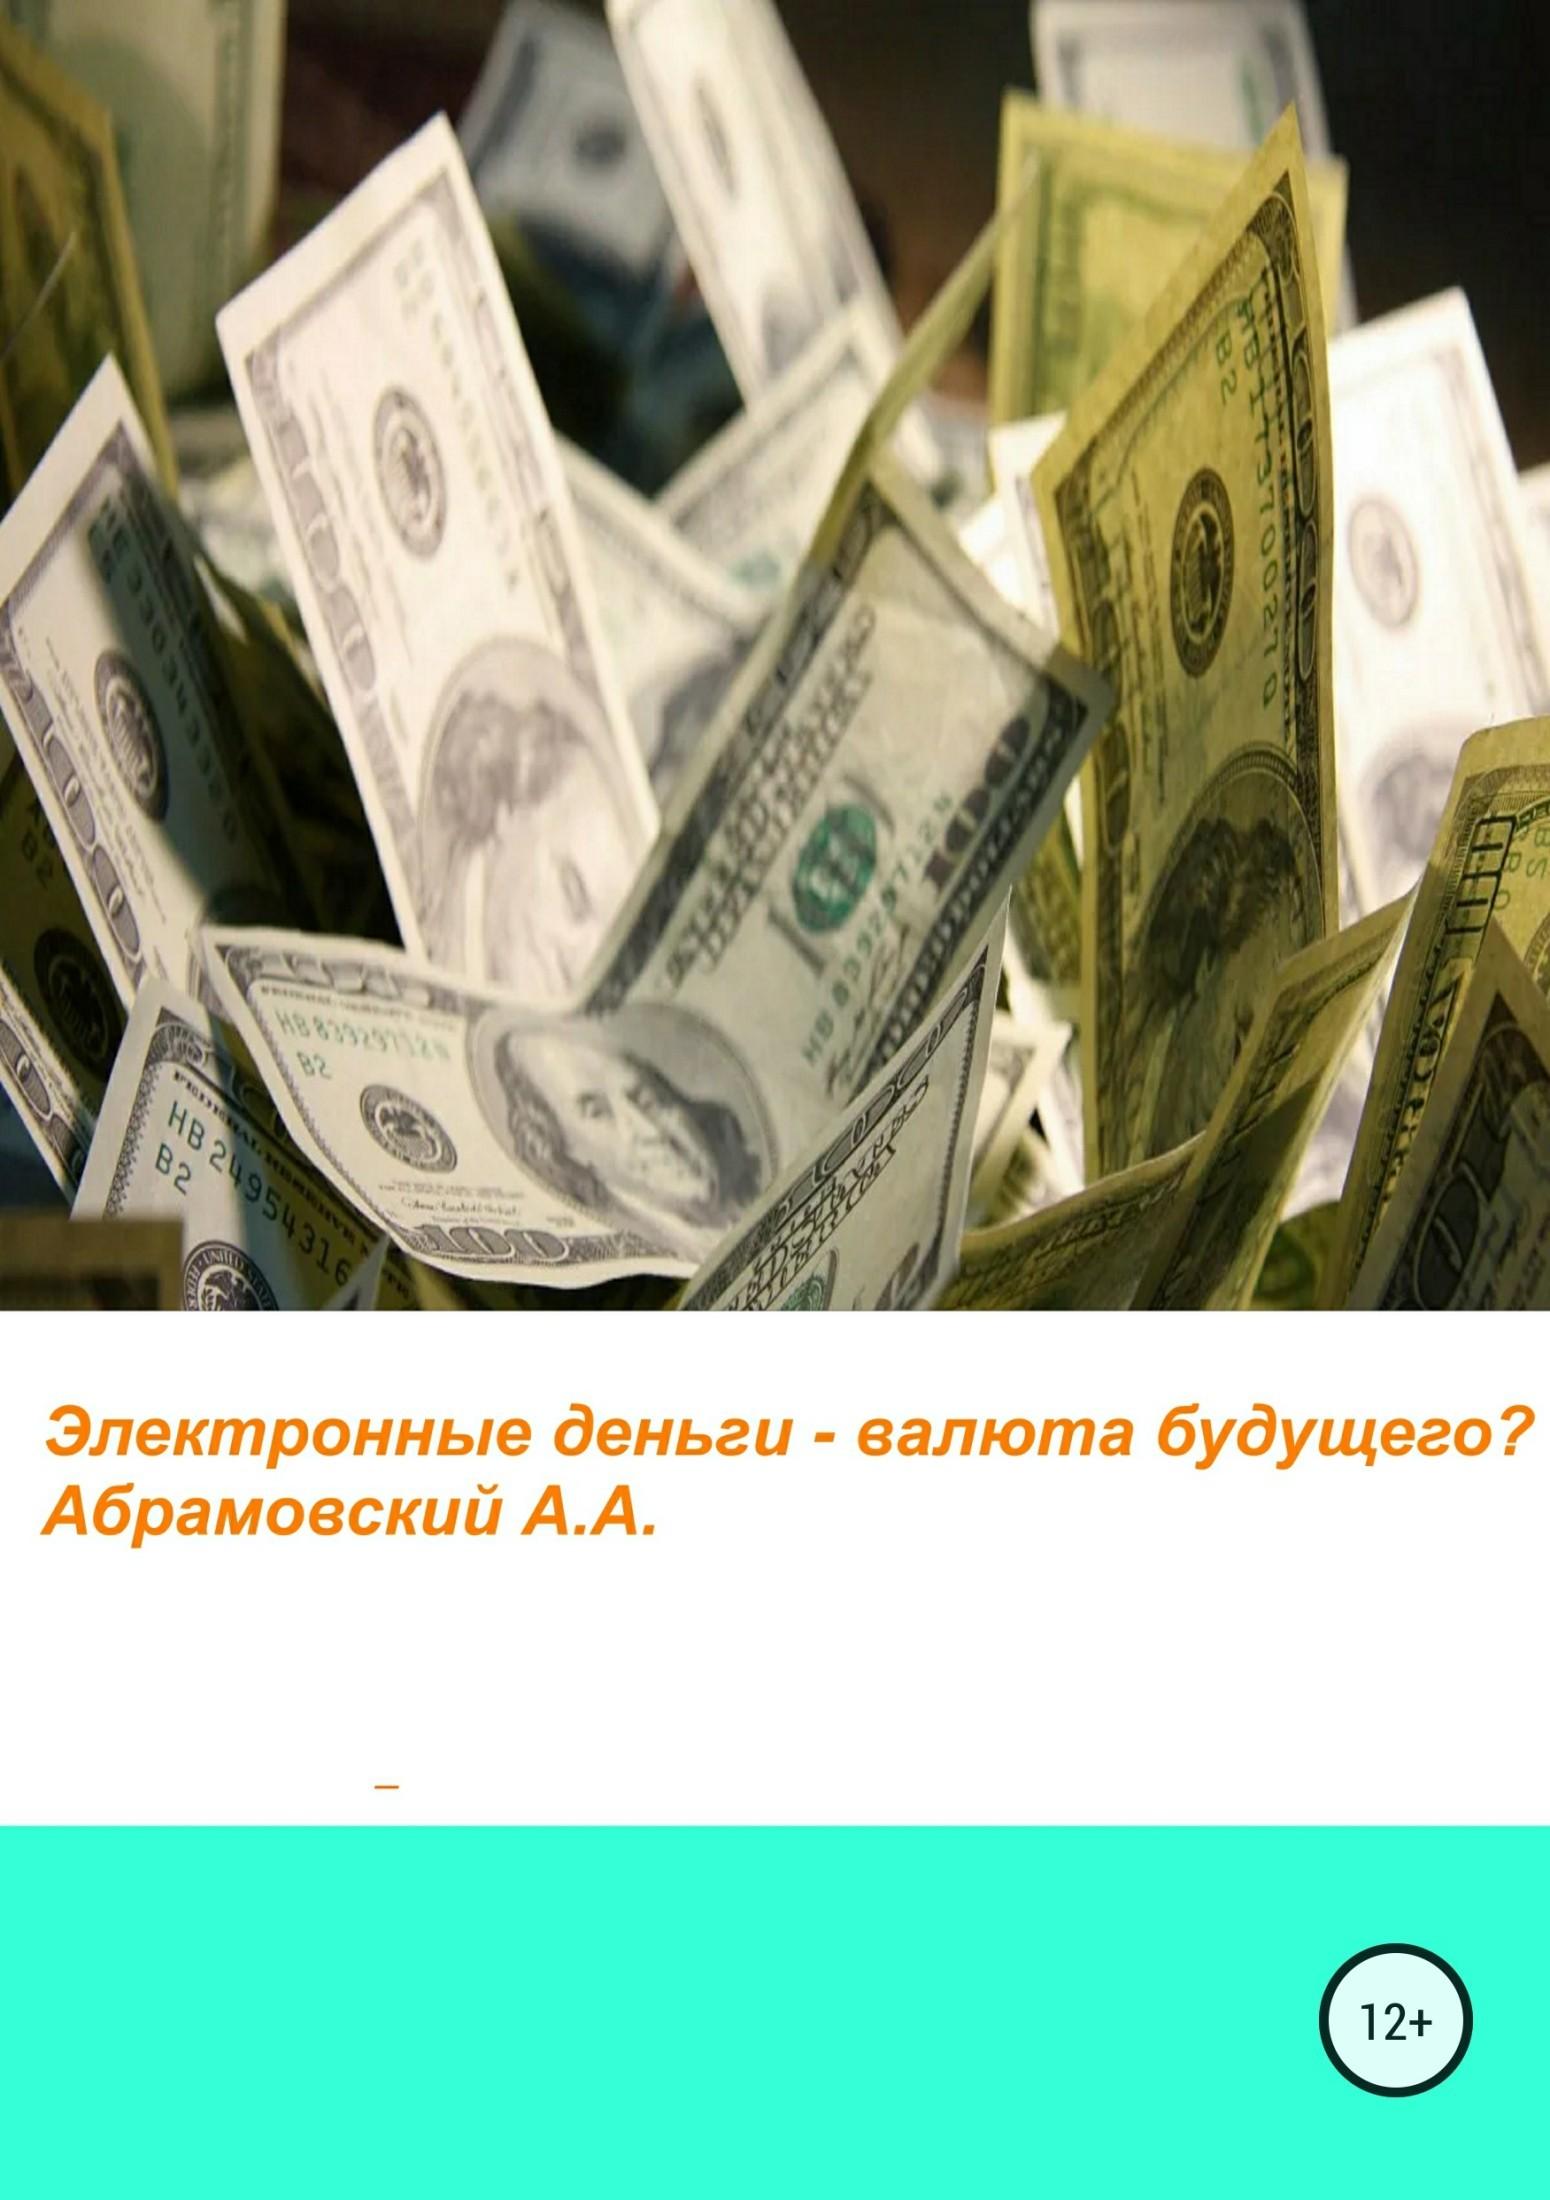 Андрей Абрамовский. Электронные деньги – валюта будущего?